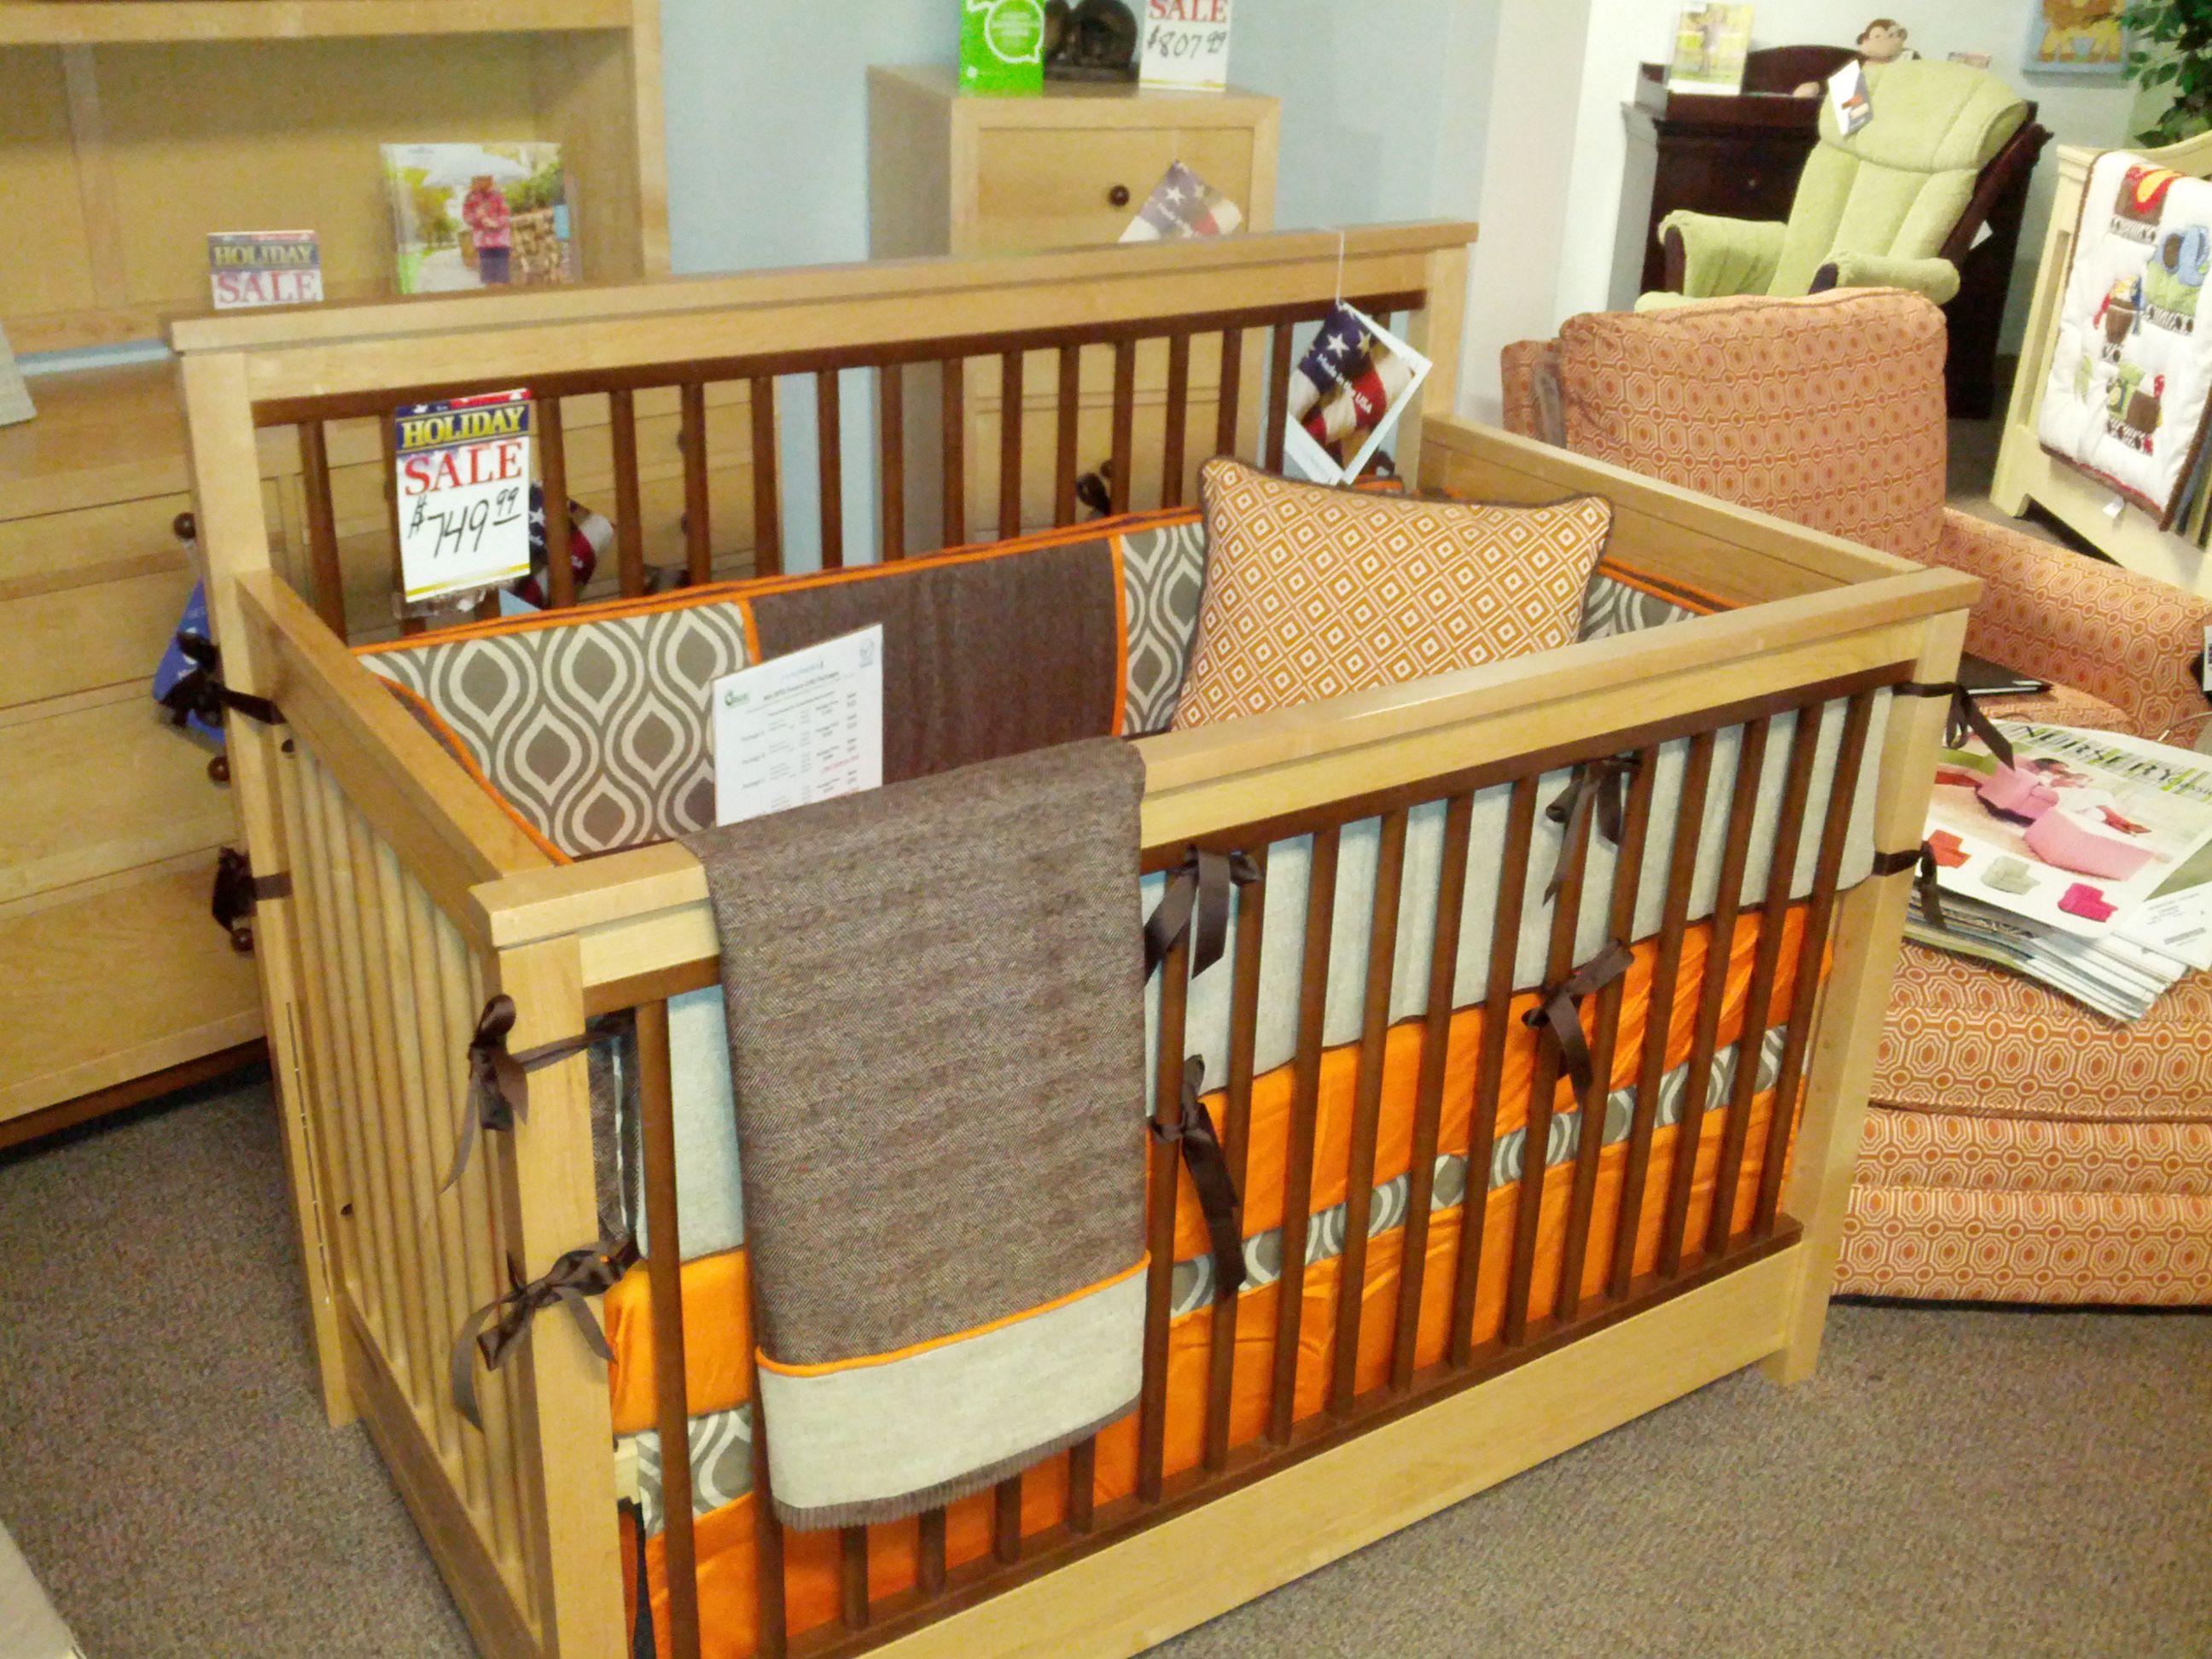 Orange Brown And Tan Custom Bedding On Display At Kids N